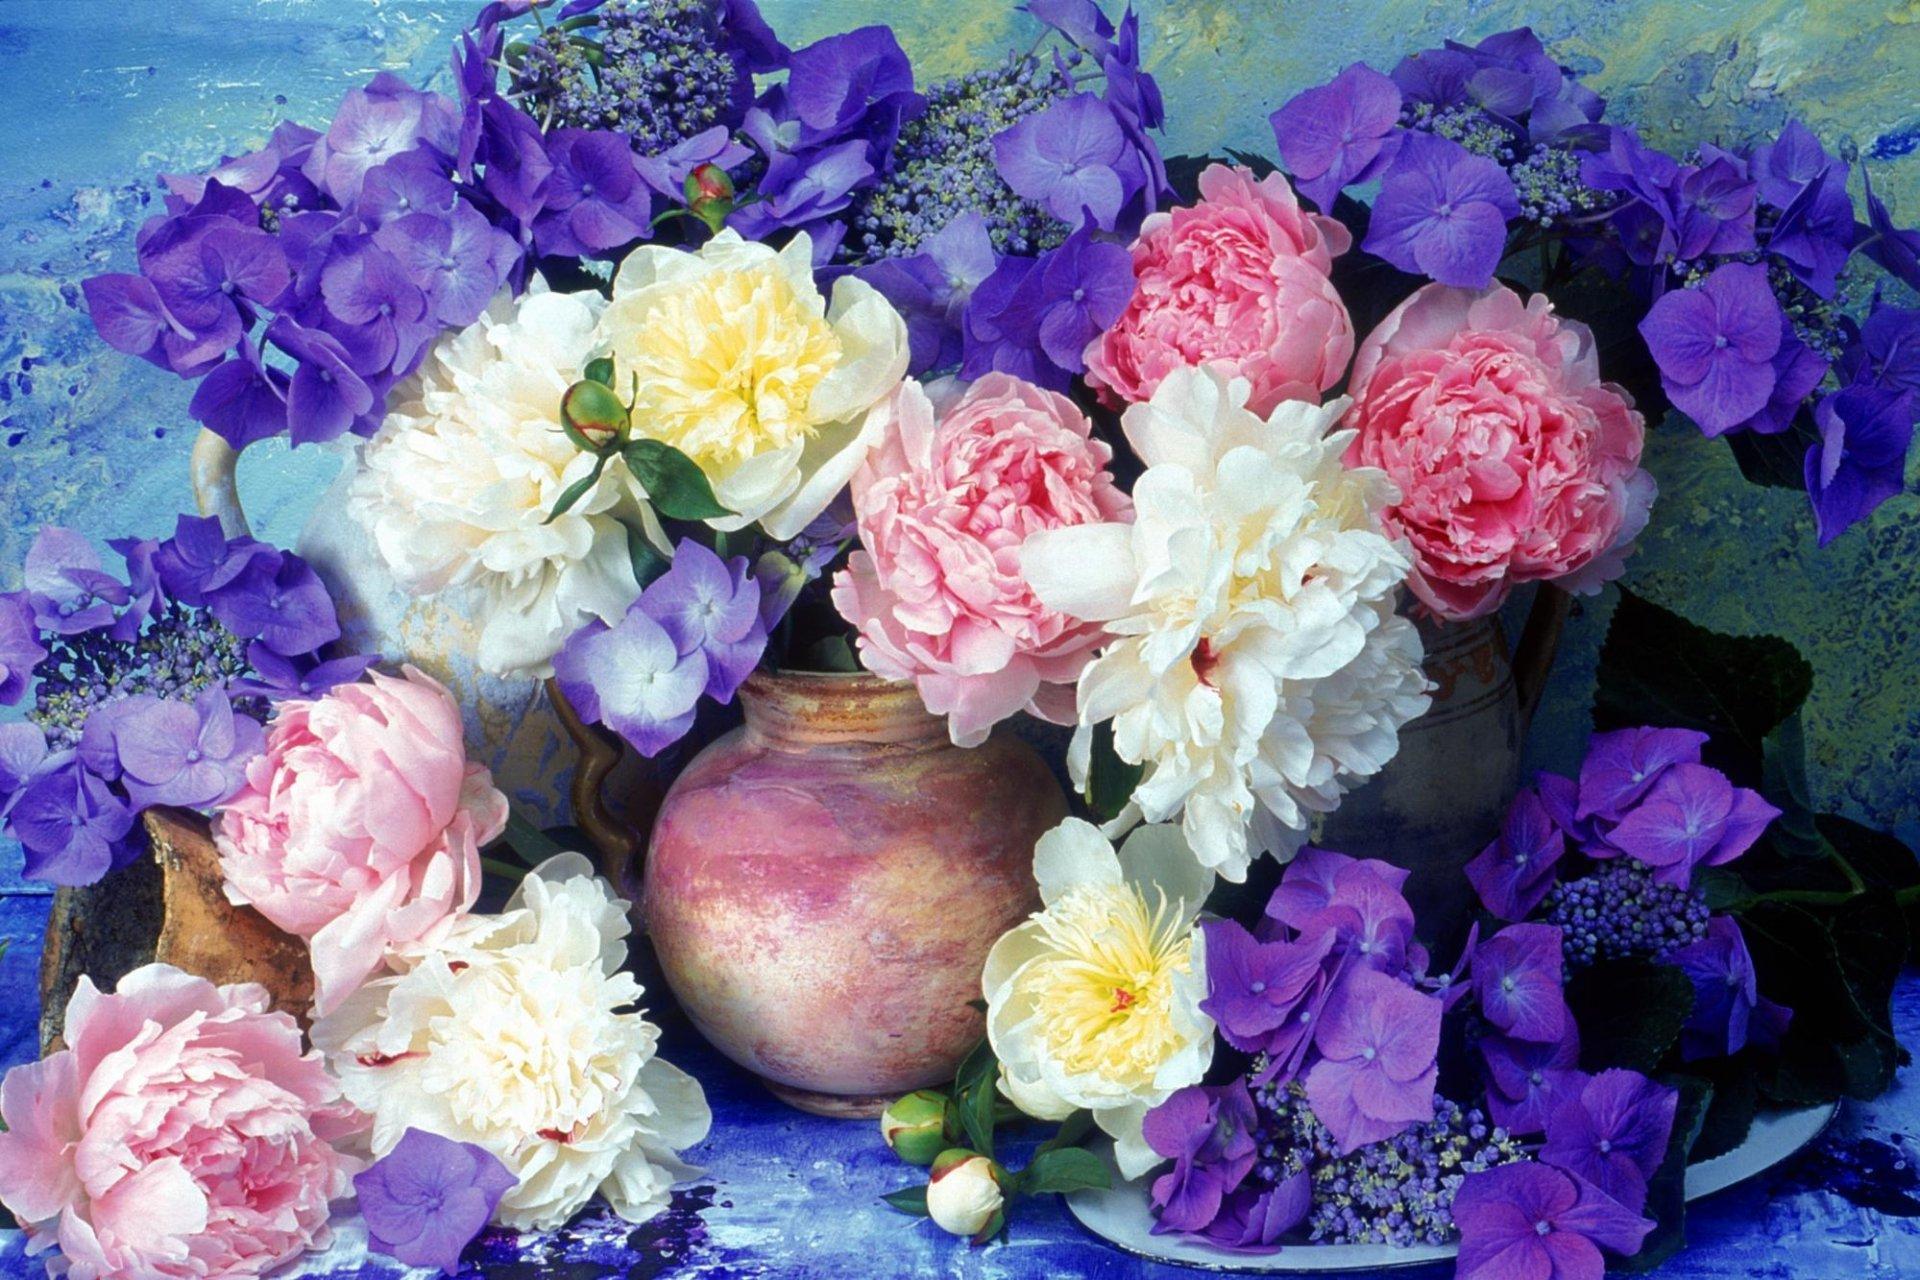 Скачать обои на рабочий стол букеты цветов